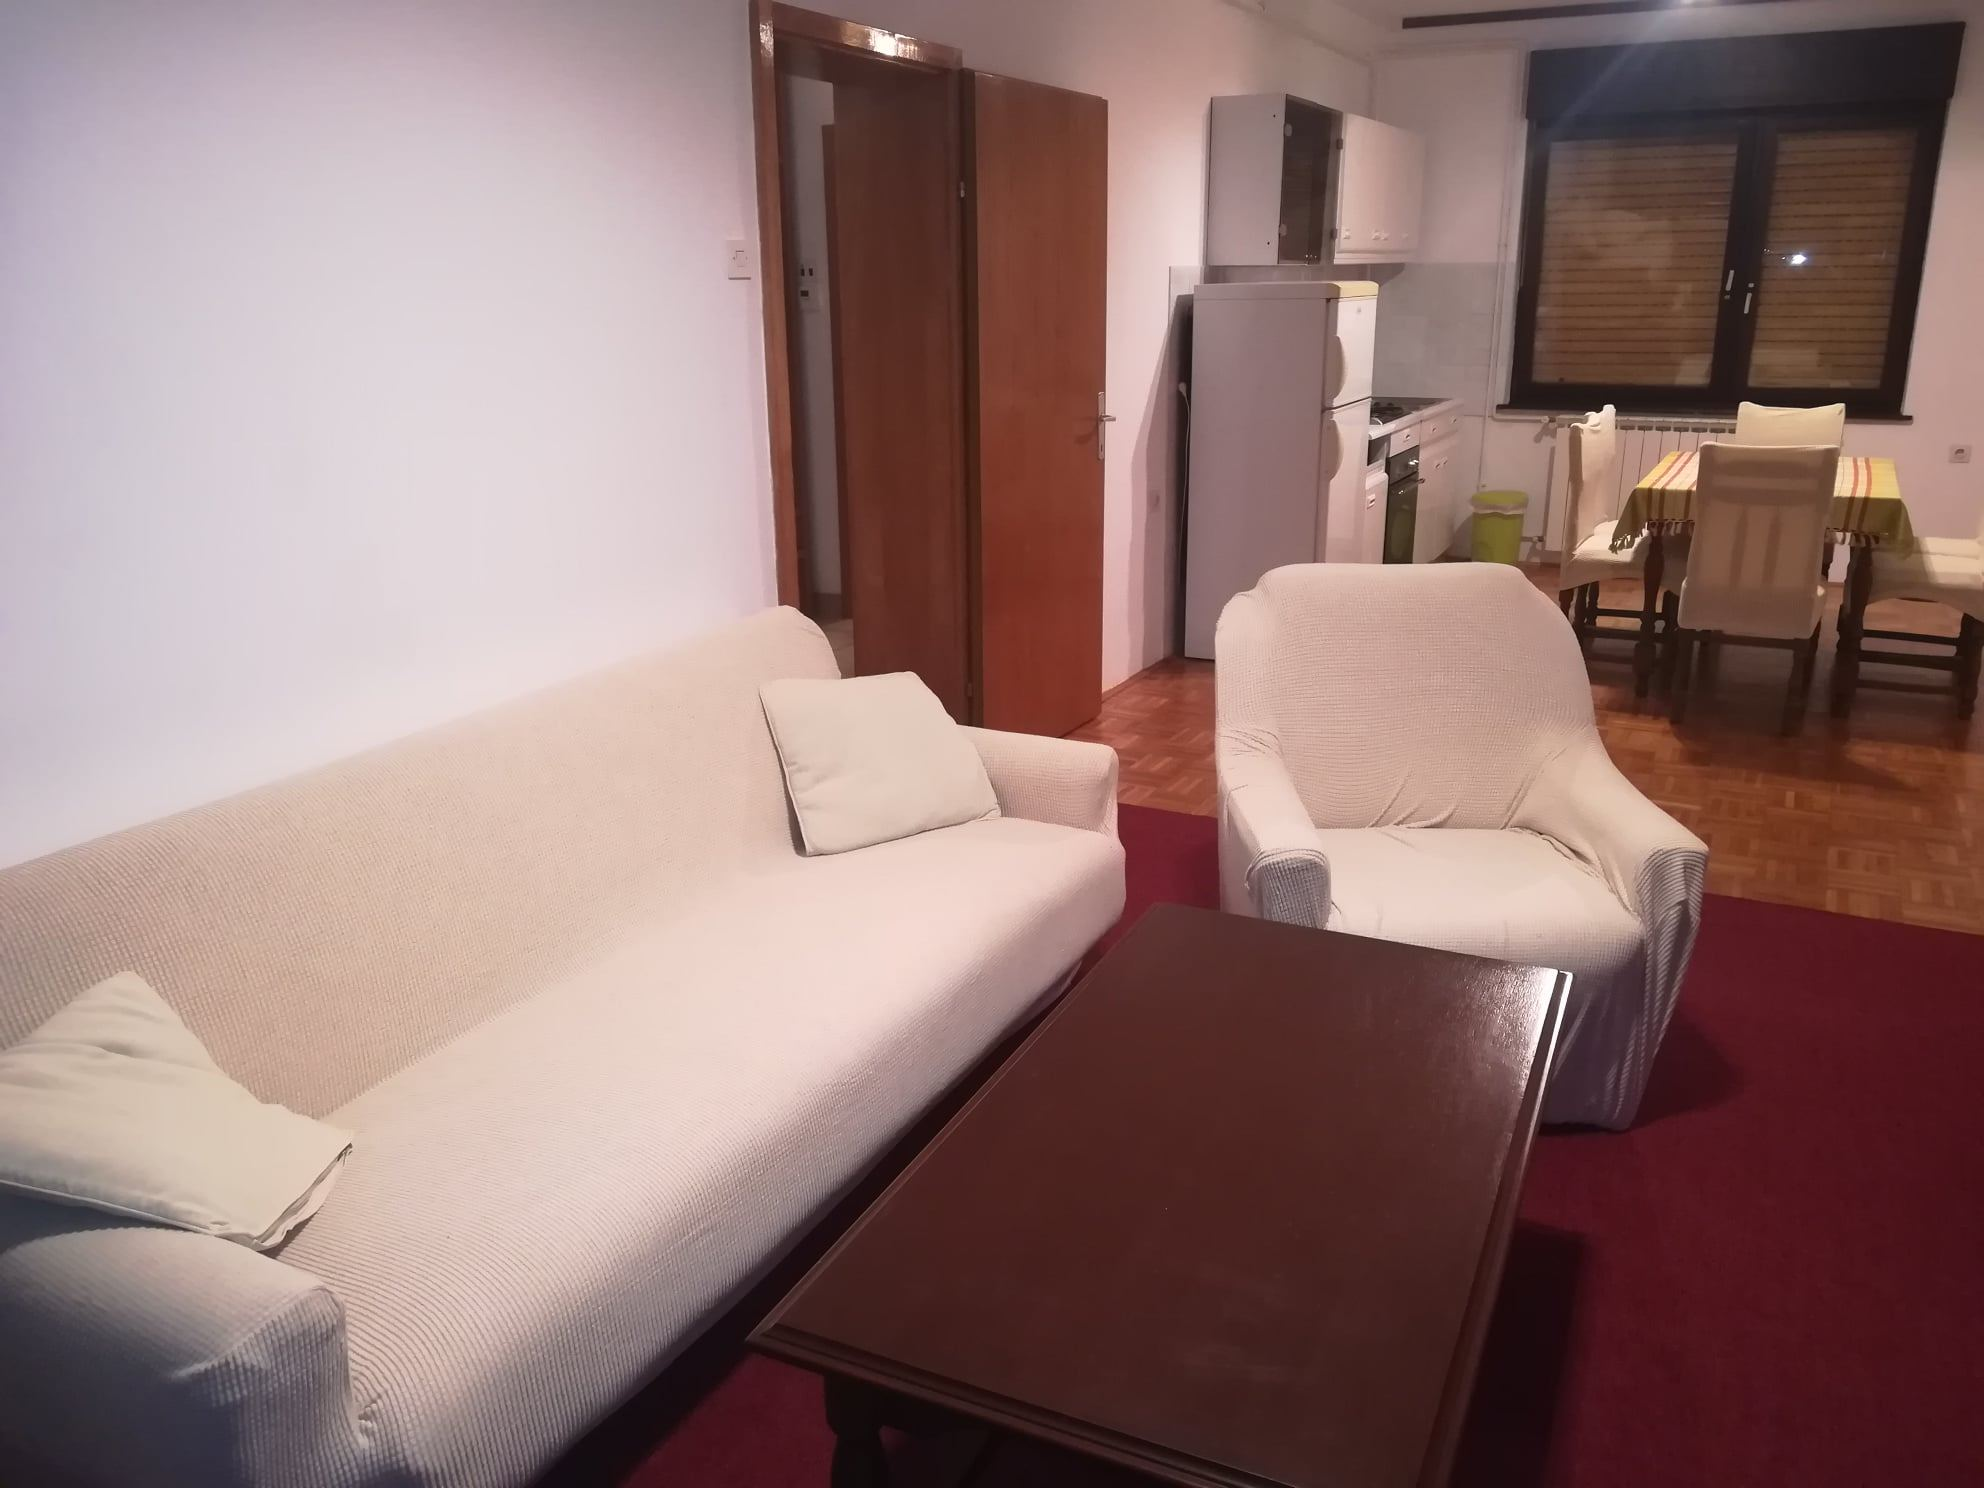 Iznajmljuje se trosoban stan u Bjelovaru